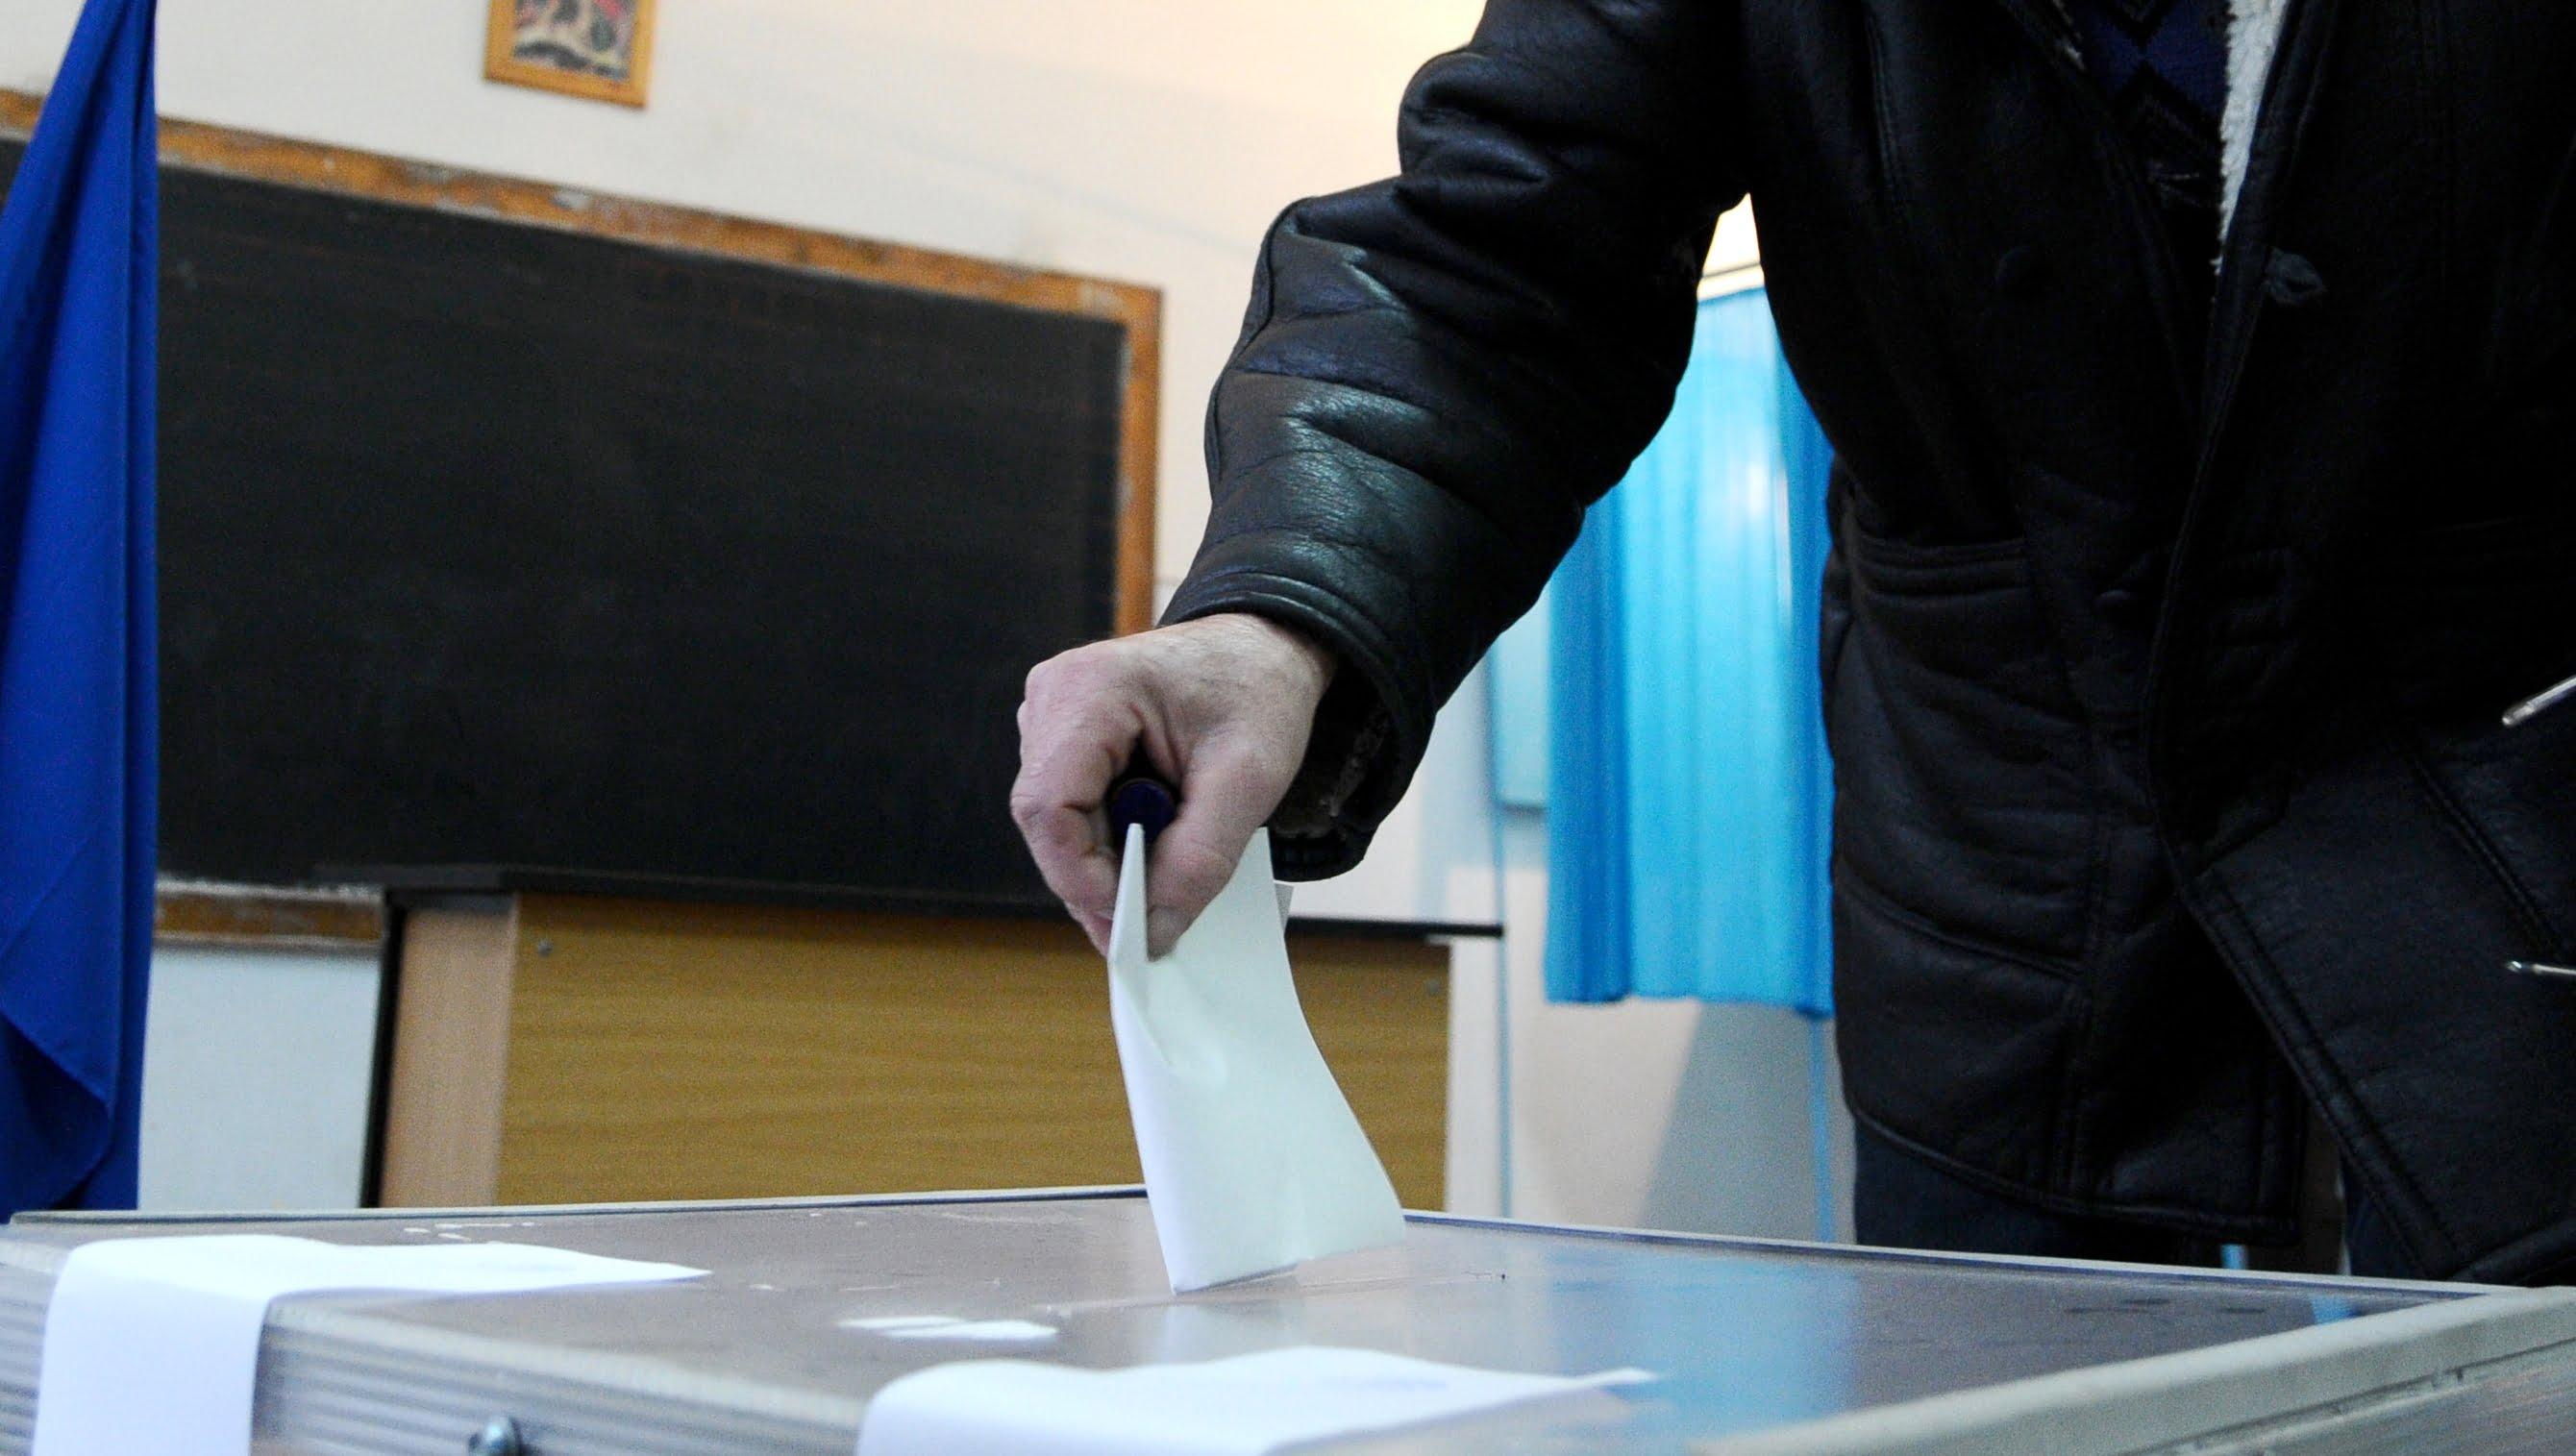 Rezultate zdrobitoare pentru dreapta și partidul lui Băsescu, conform ultimelor sondaje